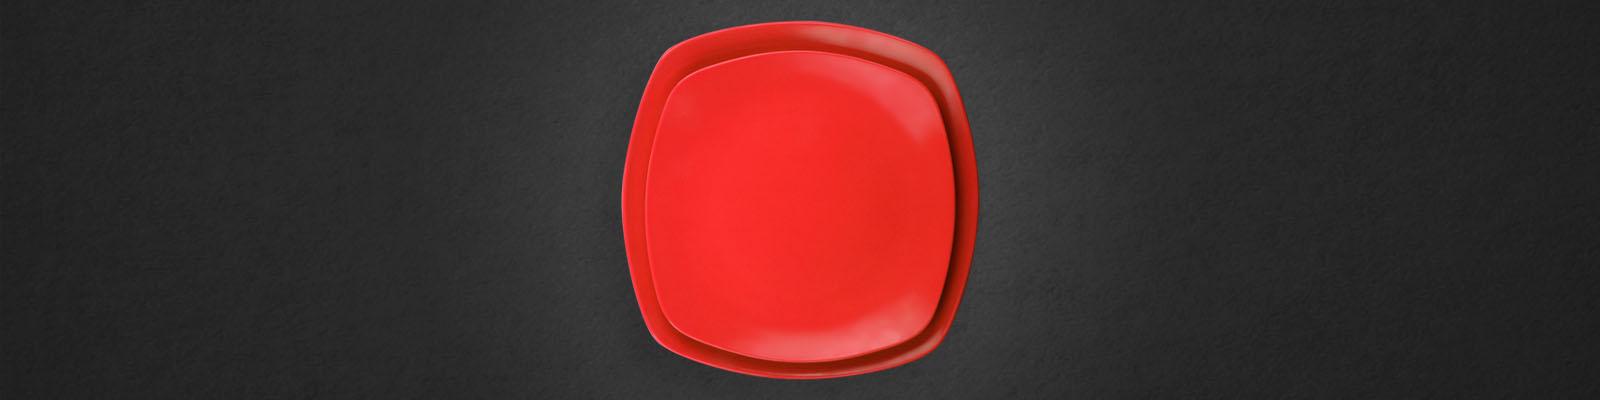 Custom Design Request - Glori Melamine